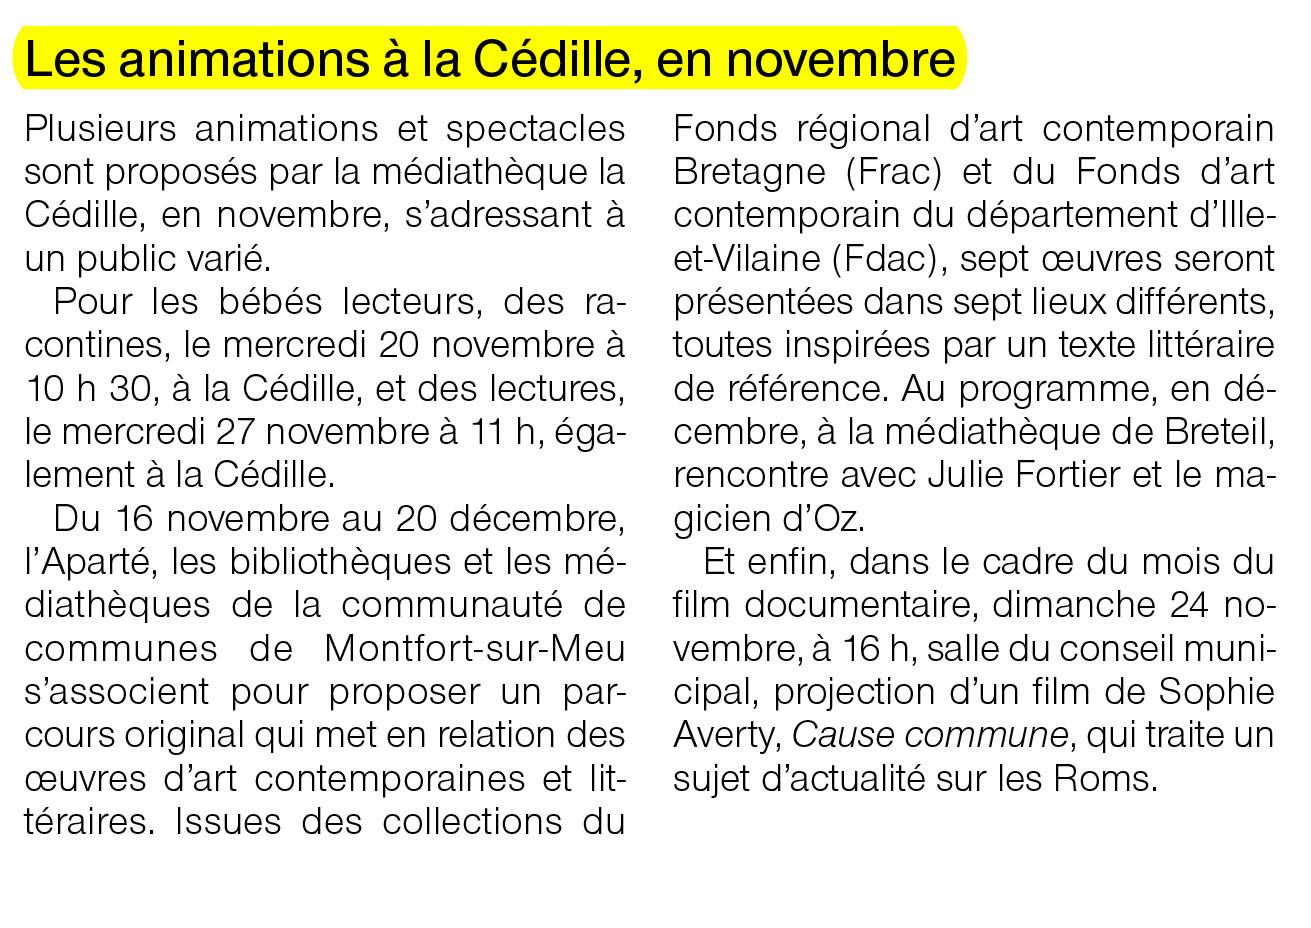 Ouest-France - 16 novembre 2013